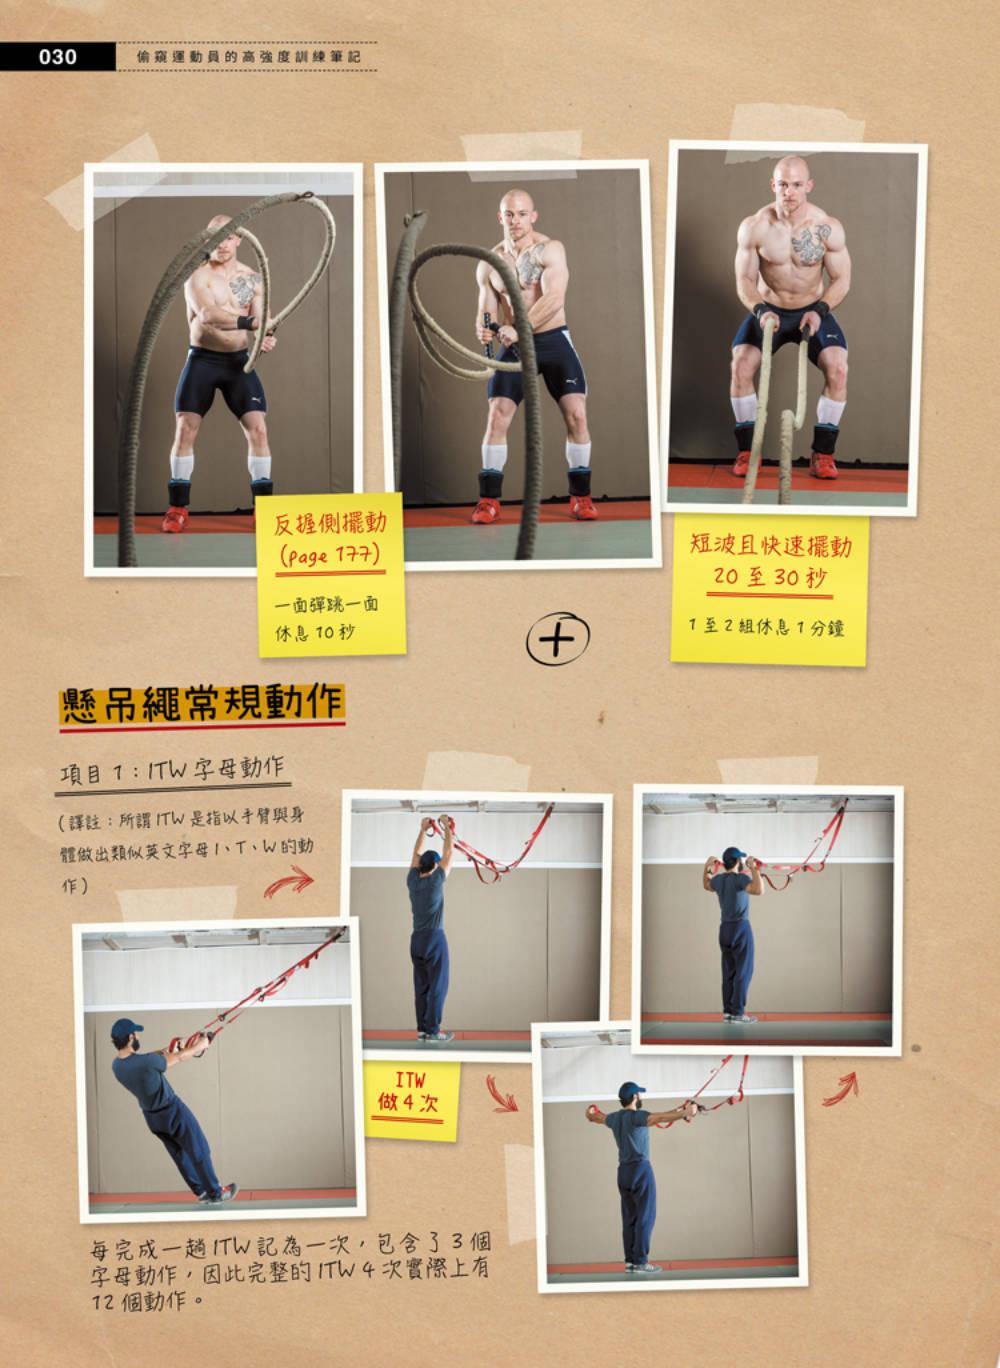 ◤博客來BOOKS◢ 暢銷書榜《推薦》偷窺運動員的高強度訓練筆記:壺鈴、槓鈴、戰繩、沙袋、輪胎、地雷管全面啟動